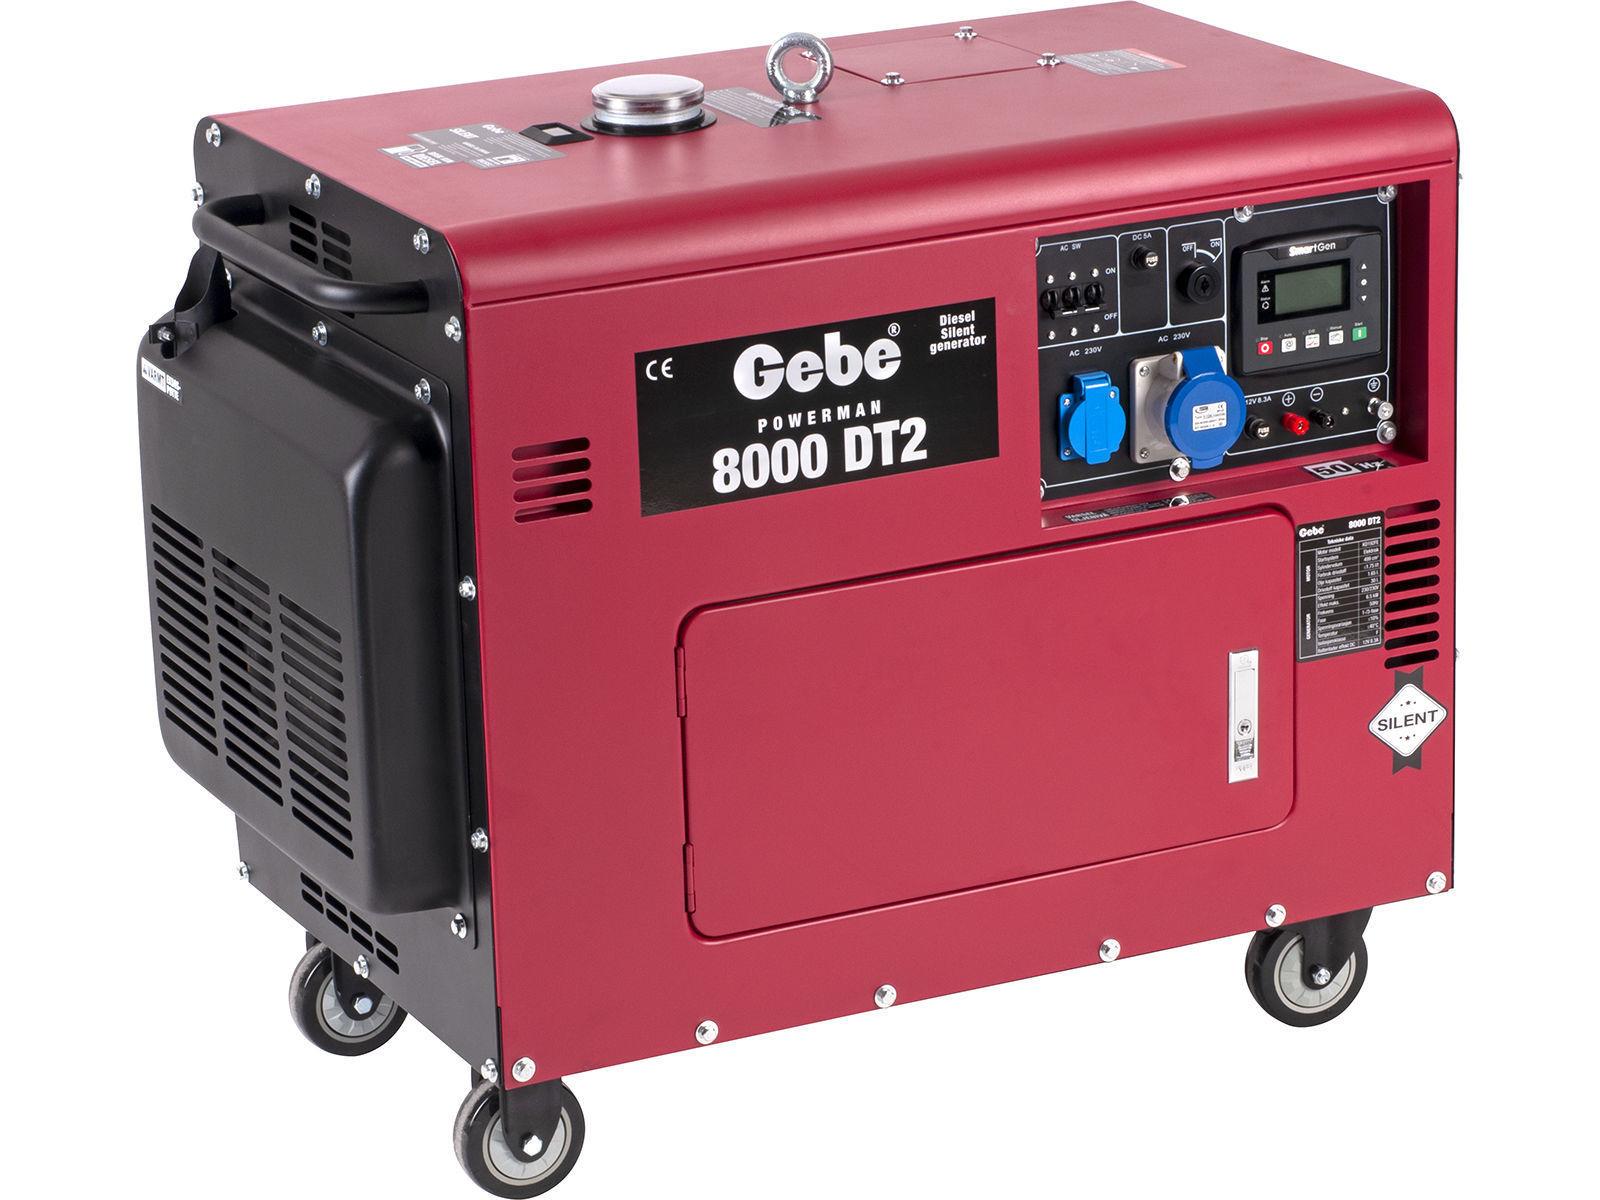 Bilde av Strømaggregat PM 8000 DT2 diesel